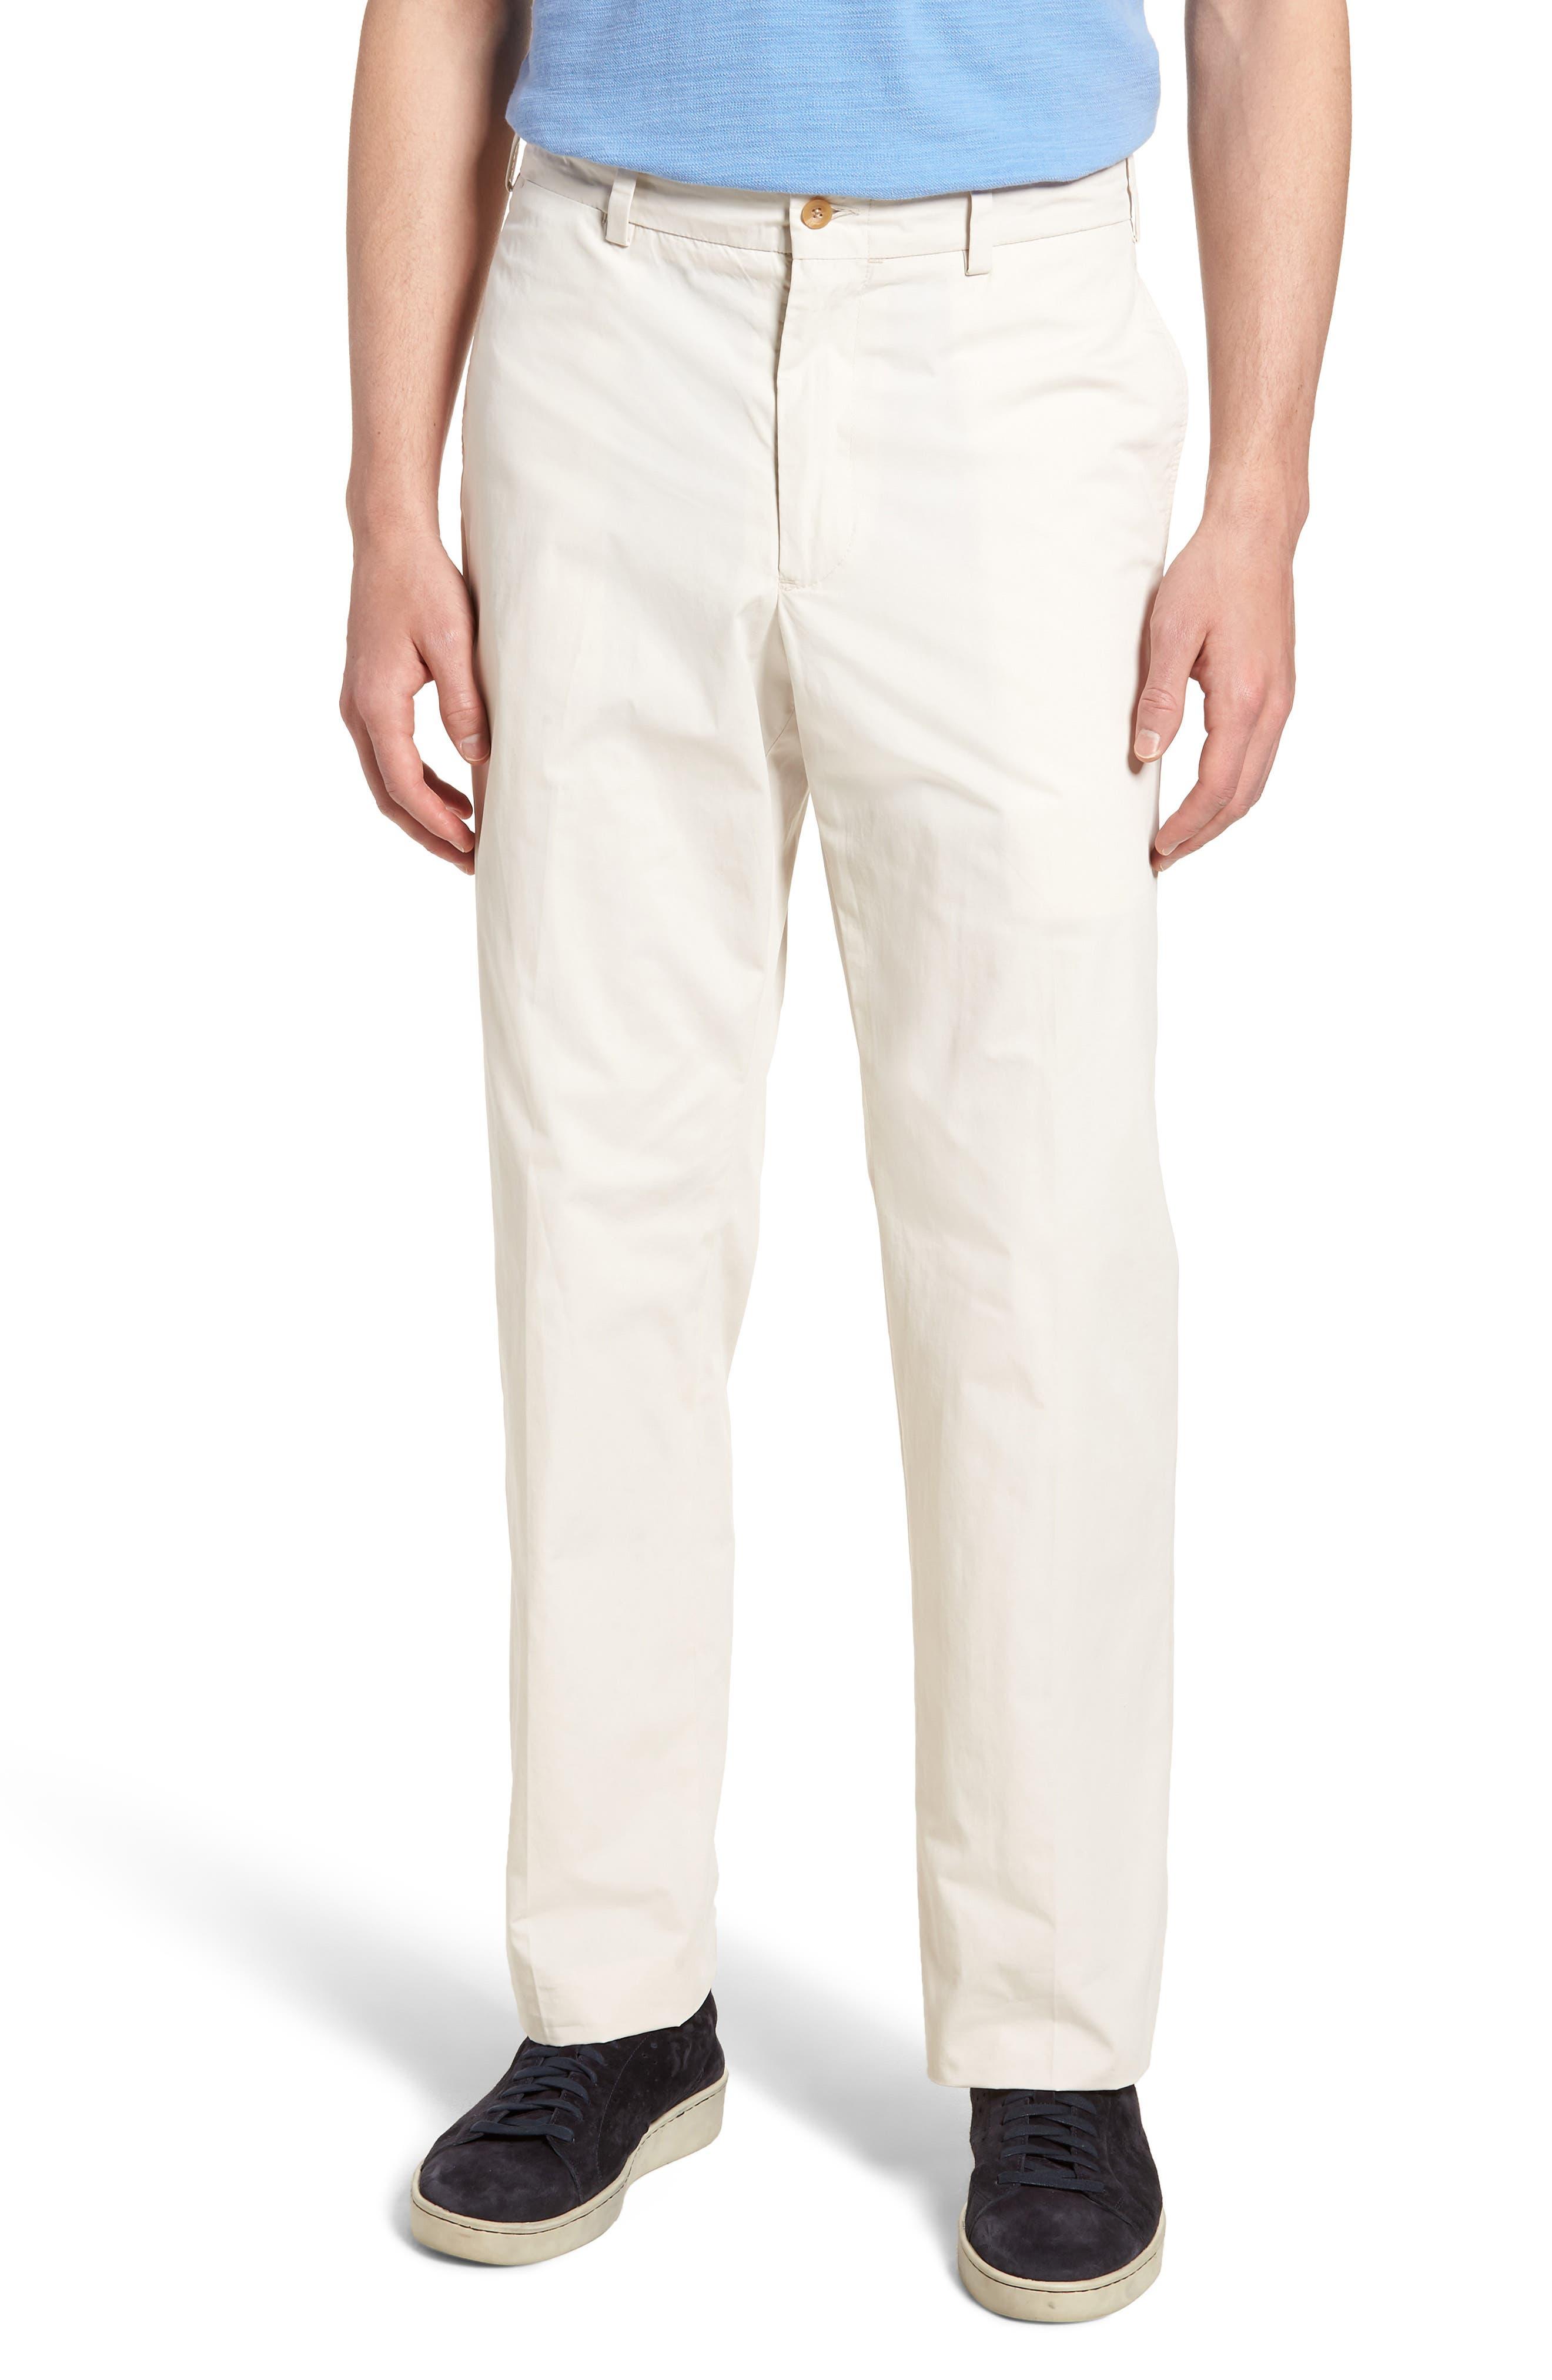 M2 Classic Fit Flat Front Tropical Cotton Poplin Pants,                         Main,                         color, Sand